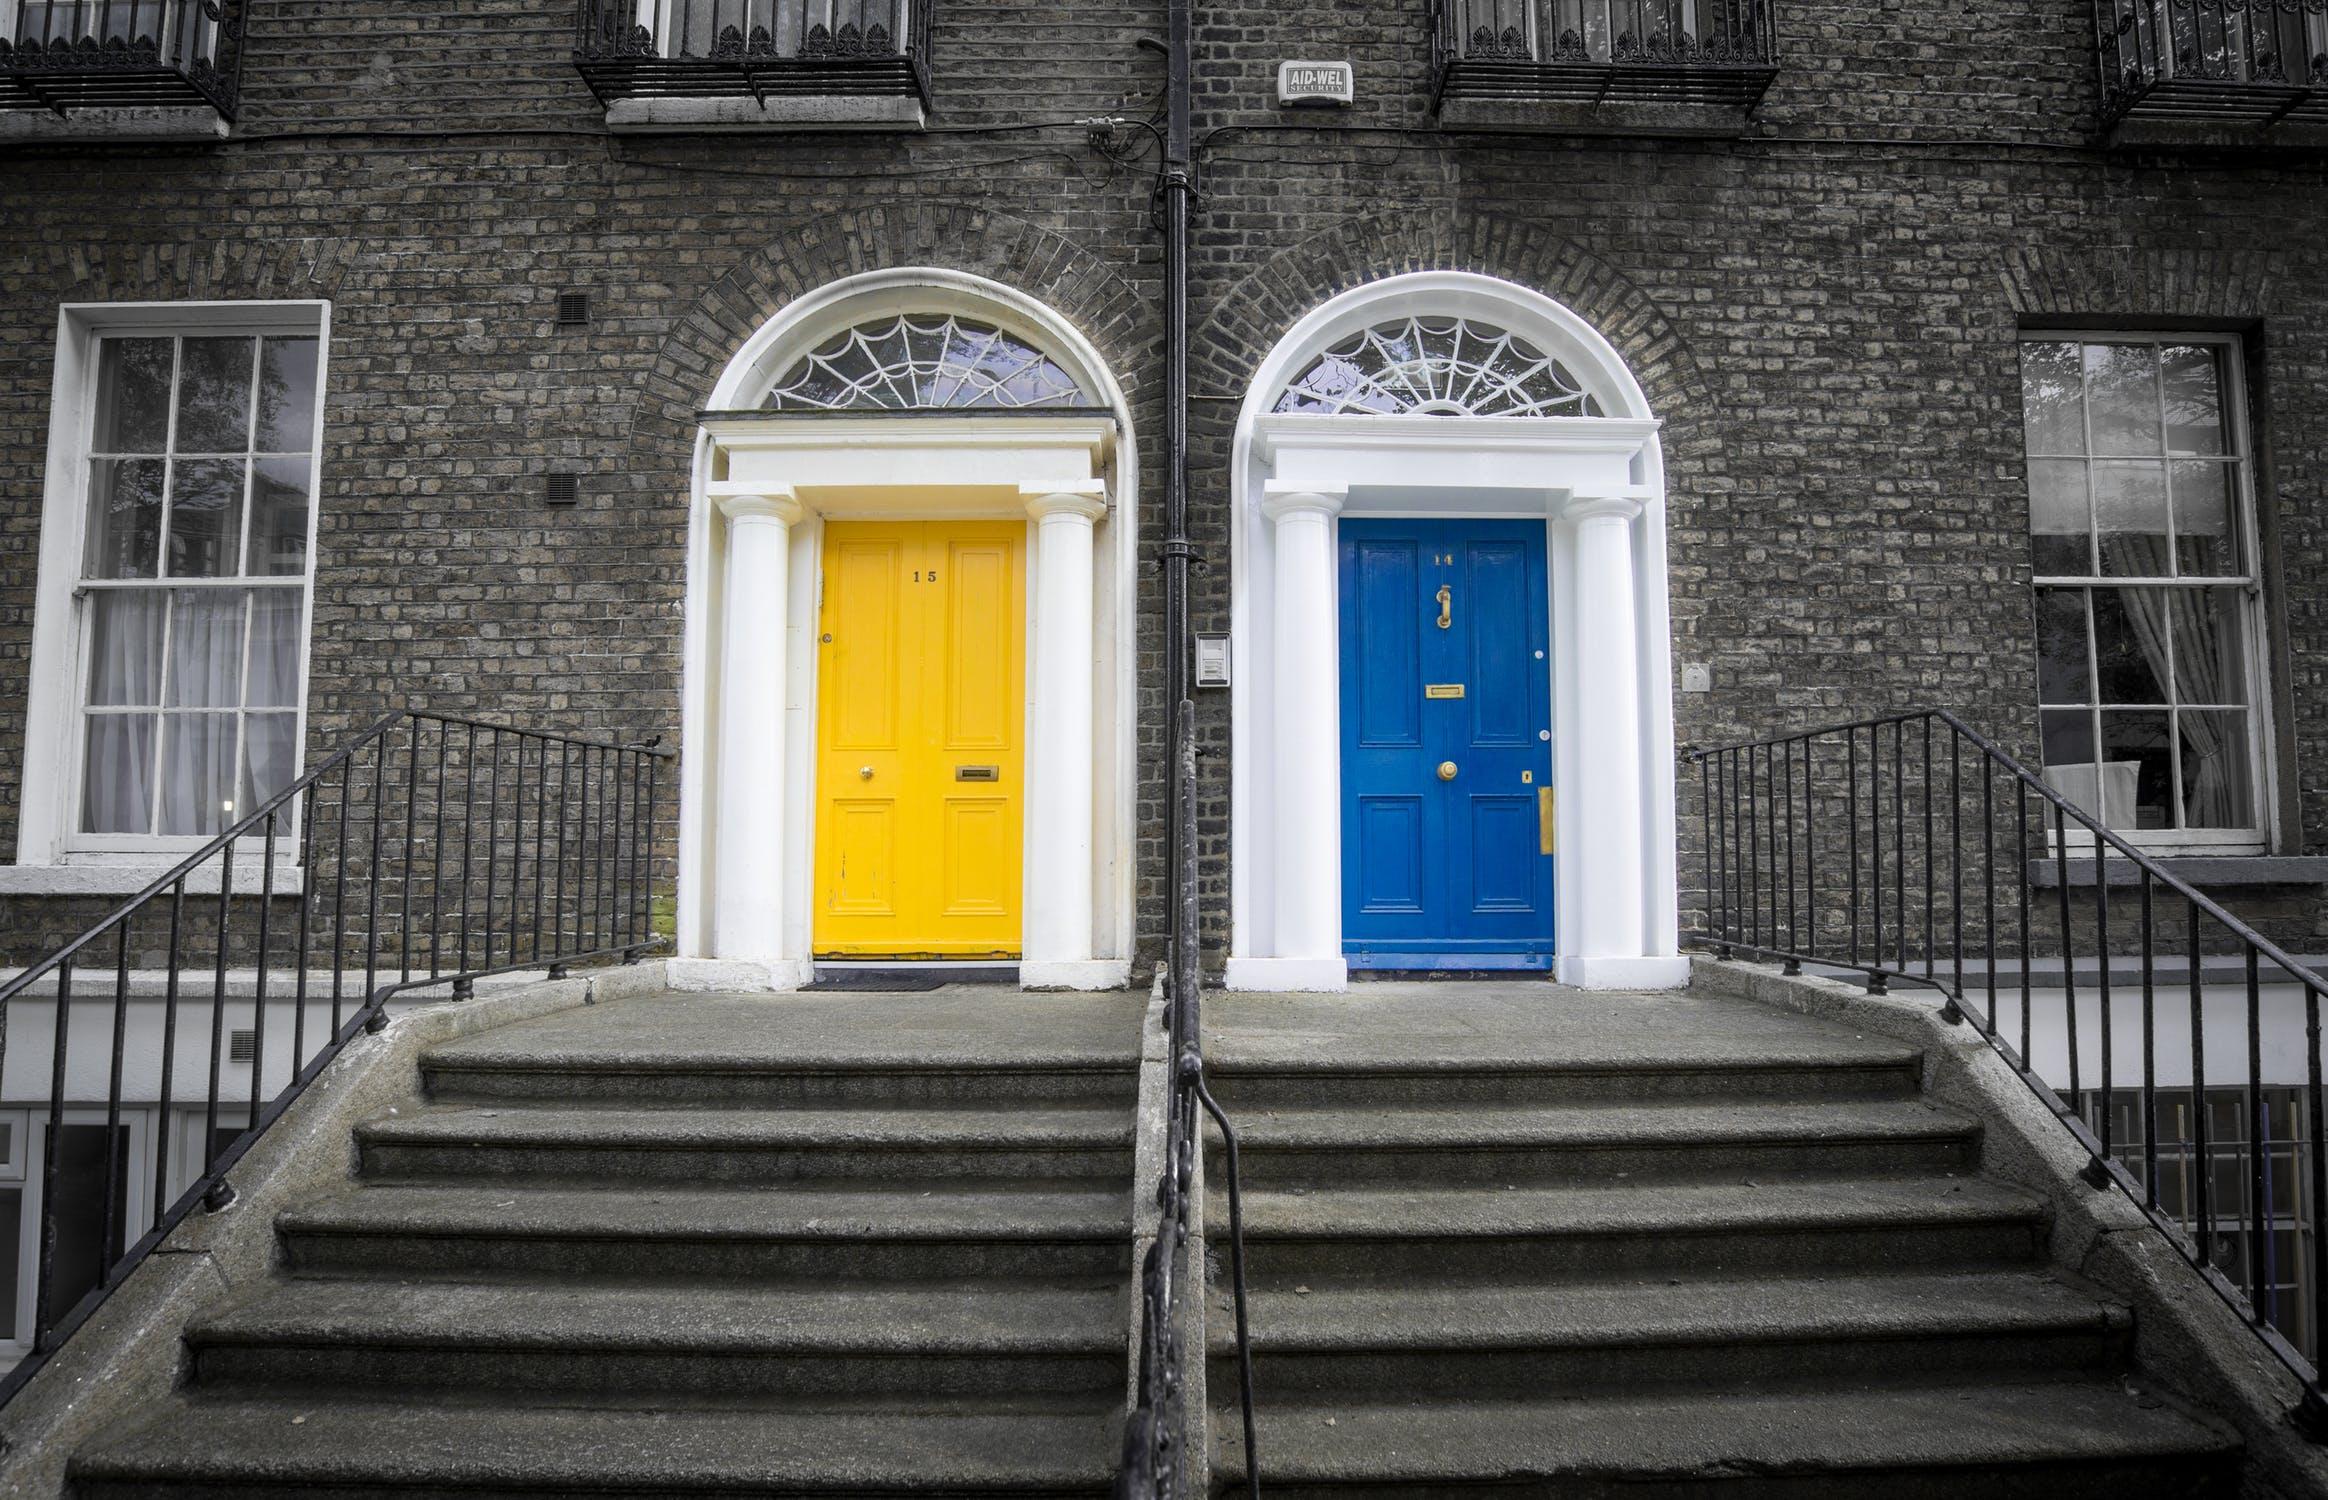 Quel est le délai de rétractation d'une vente immobilière ?